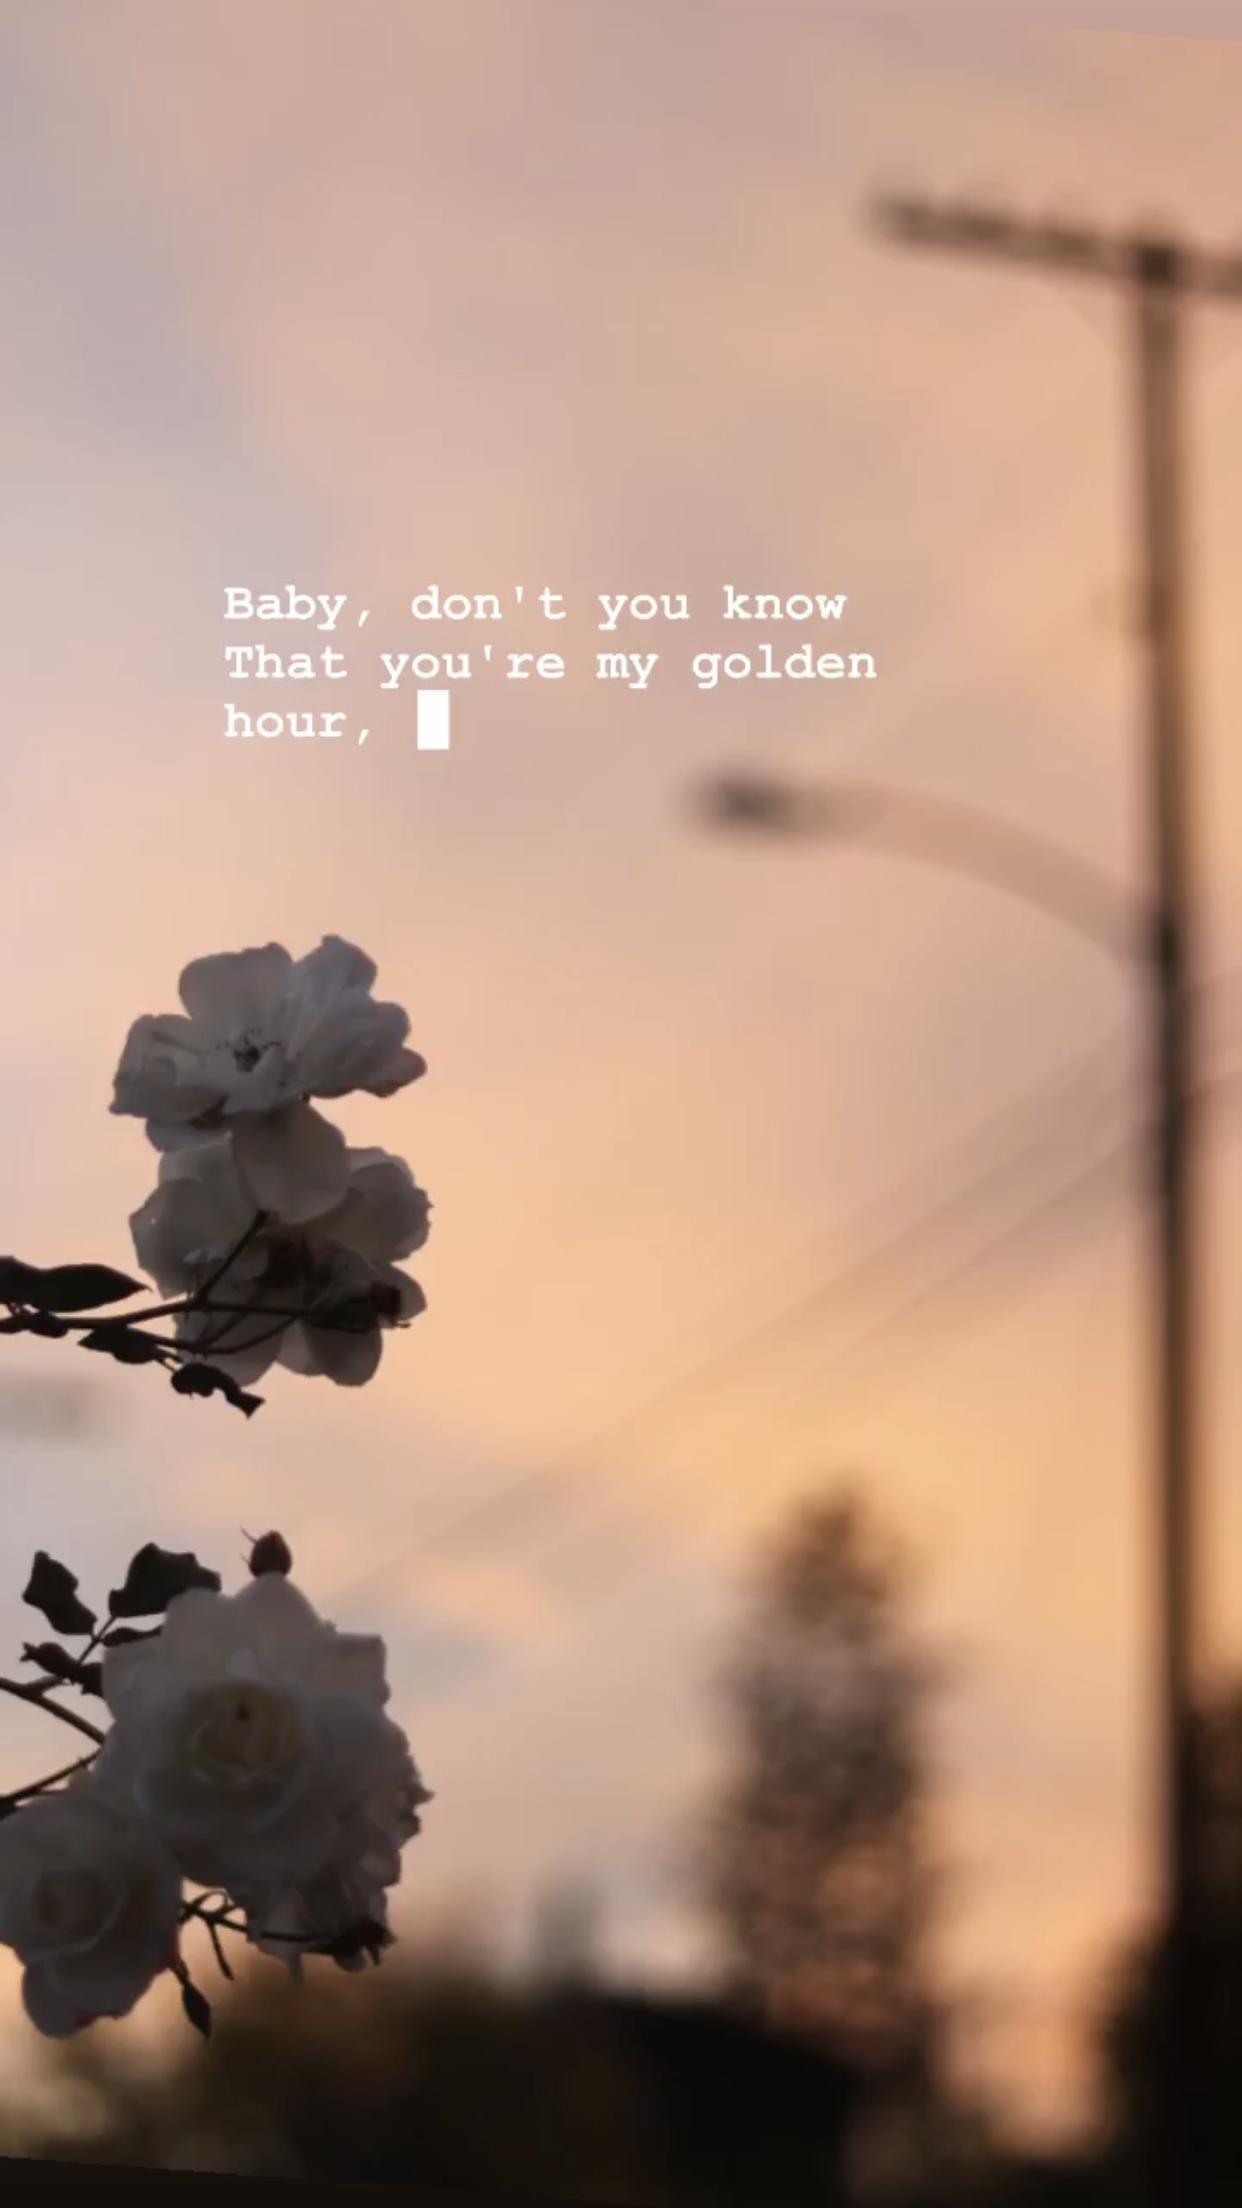 Tatianasoash Golden Hour Www Tatianasoash Com Sunset Quotes Instagram Sunset Quotes Instagram Quotes